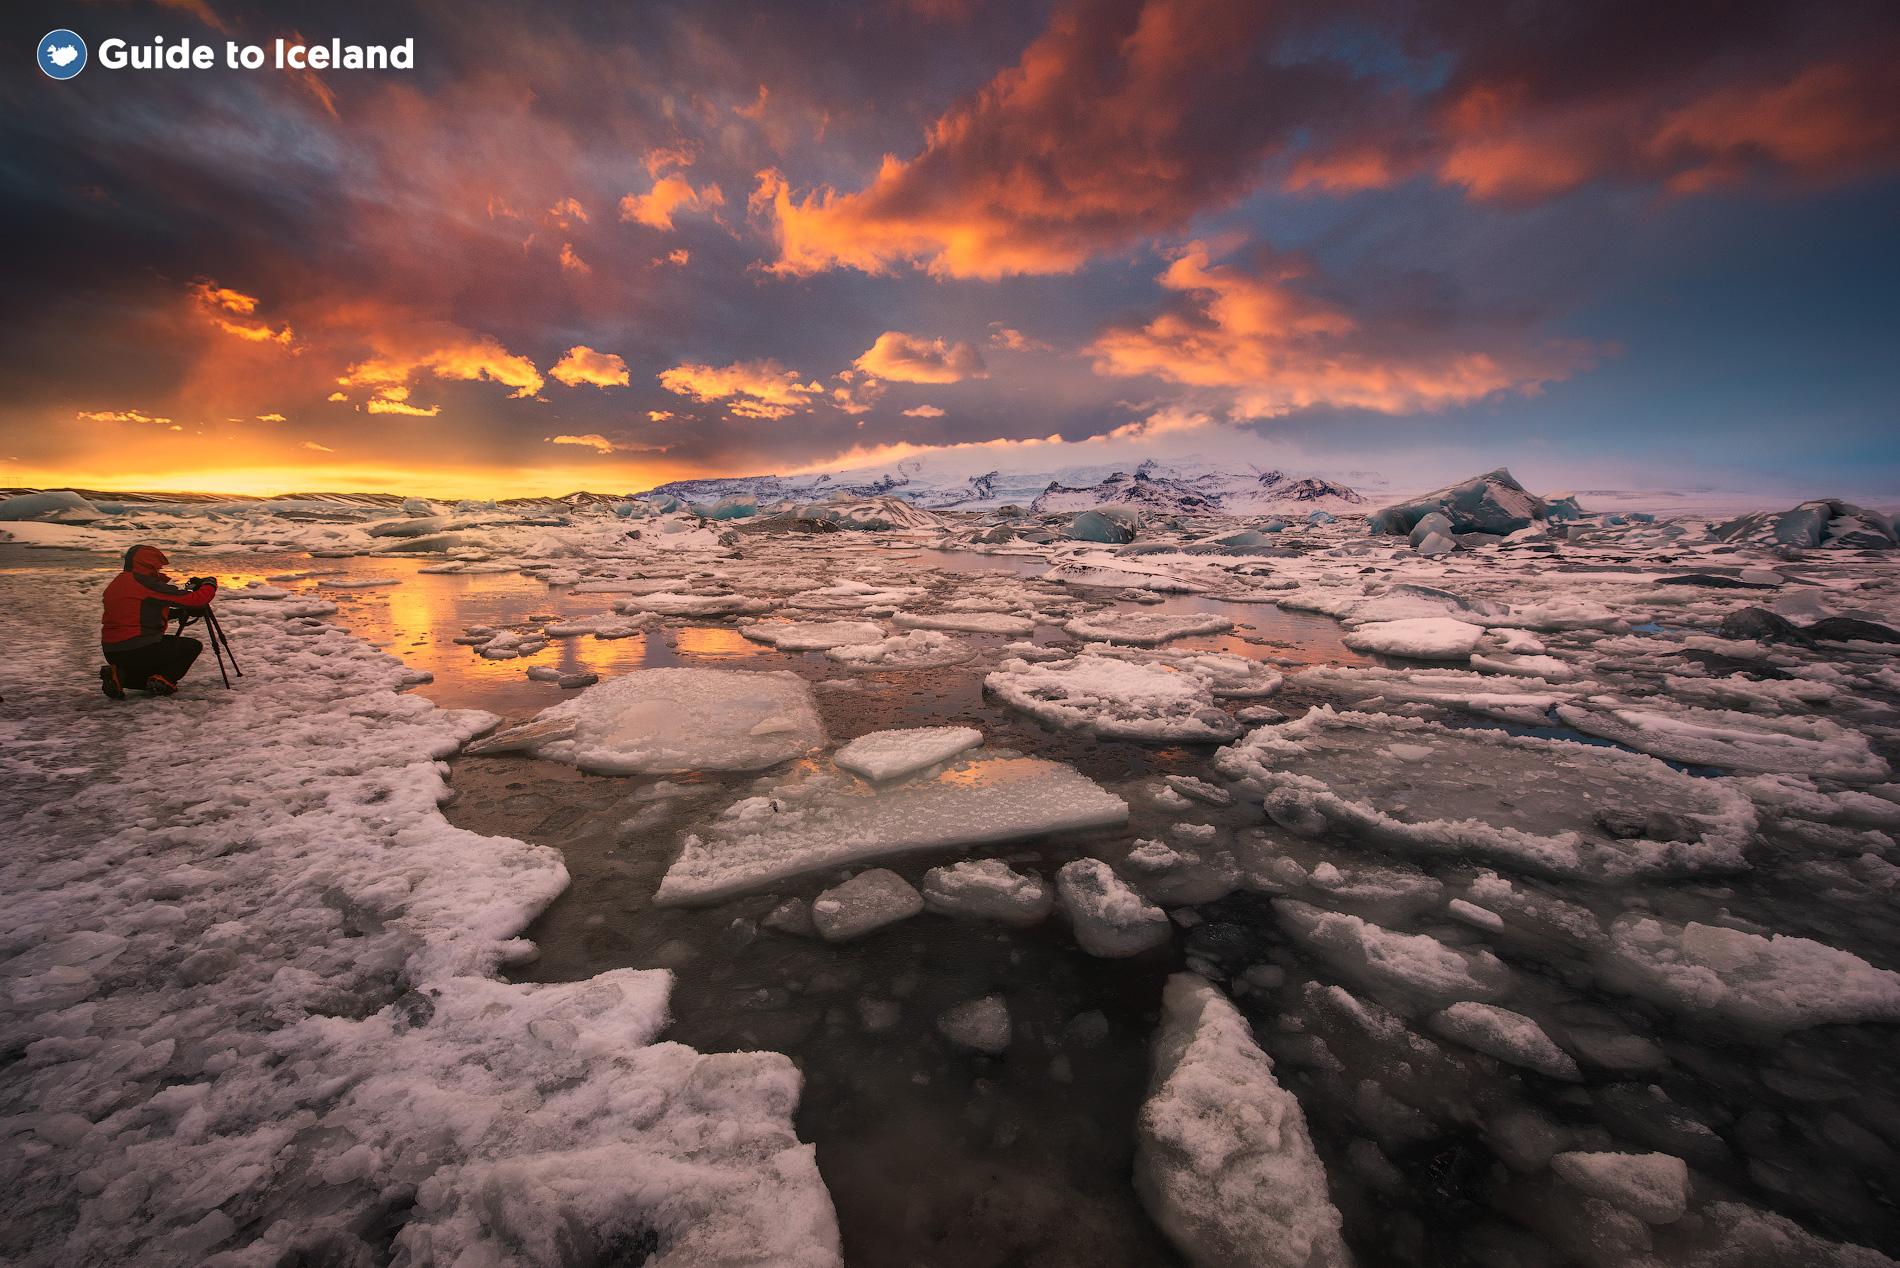 La majestuosa montaña Vestrahorn en el sureste de Islandia.